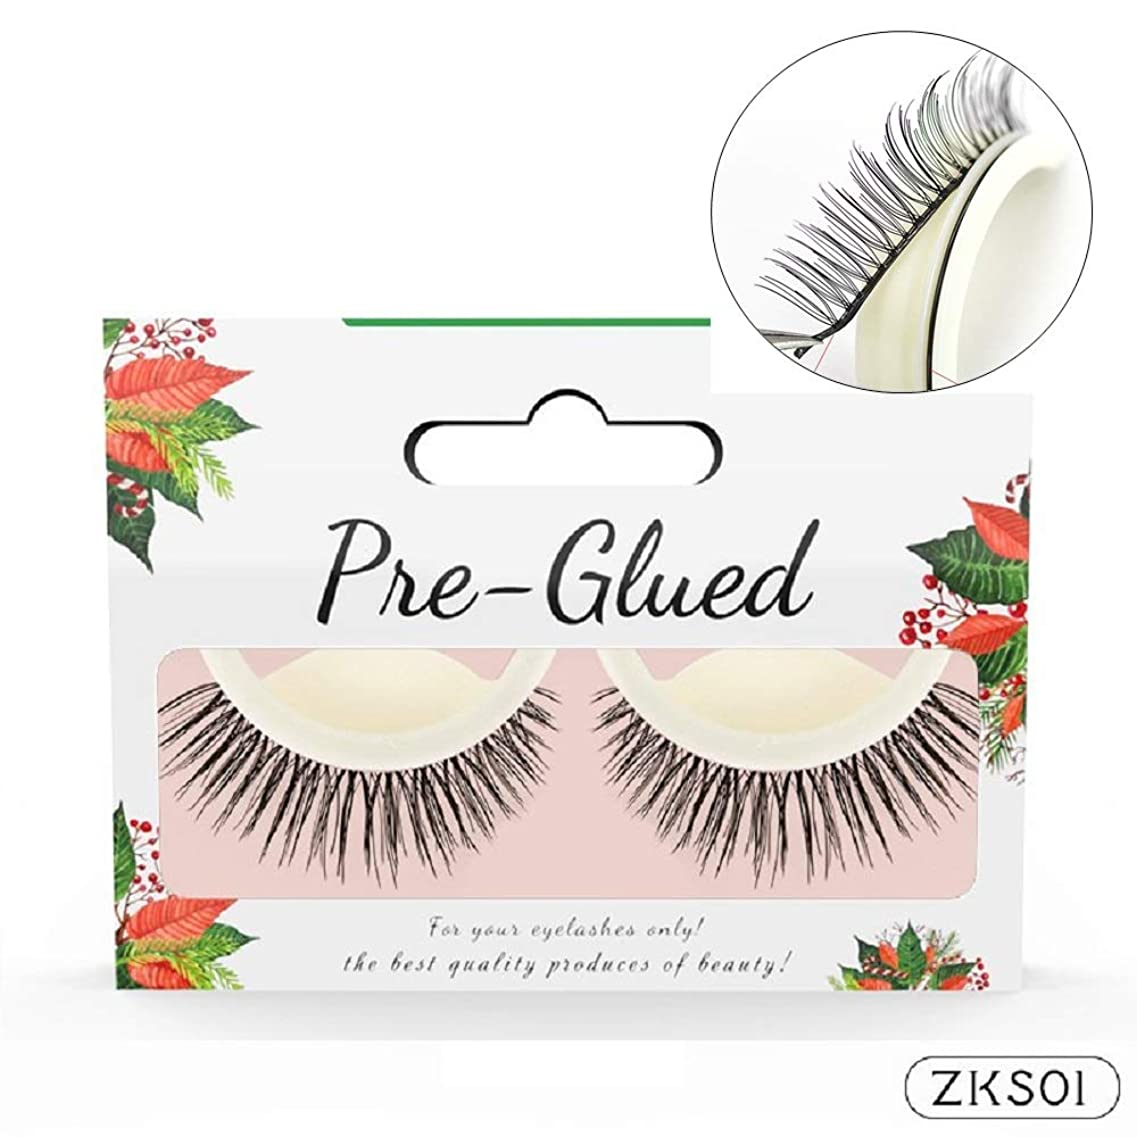 ダーリン記念日ラブ2Pair/set 3D Handmade False Eyelash Self Adhesive Lashes No Glue Makeup Natural Long Fake Lash Extension Beauty Tools 3Dまつげ自己粘着眉毛接着剤メイクアップナチュラルロングフェイクラッシュエクステンション美容ツール